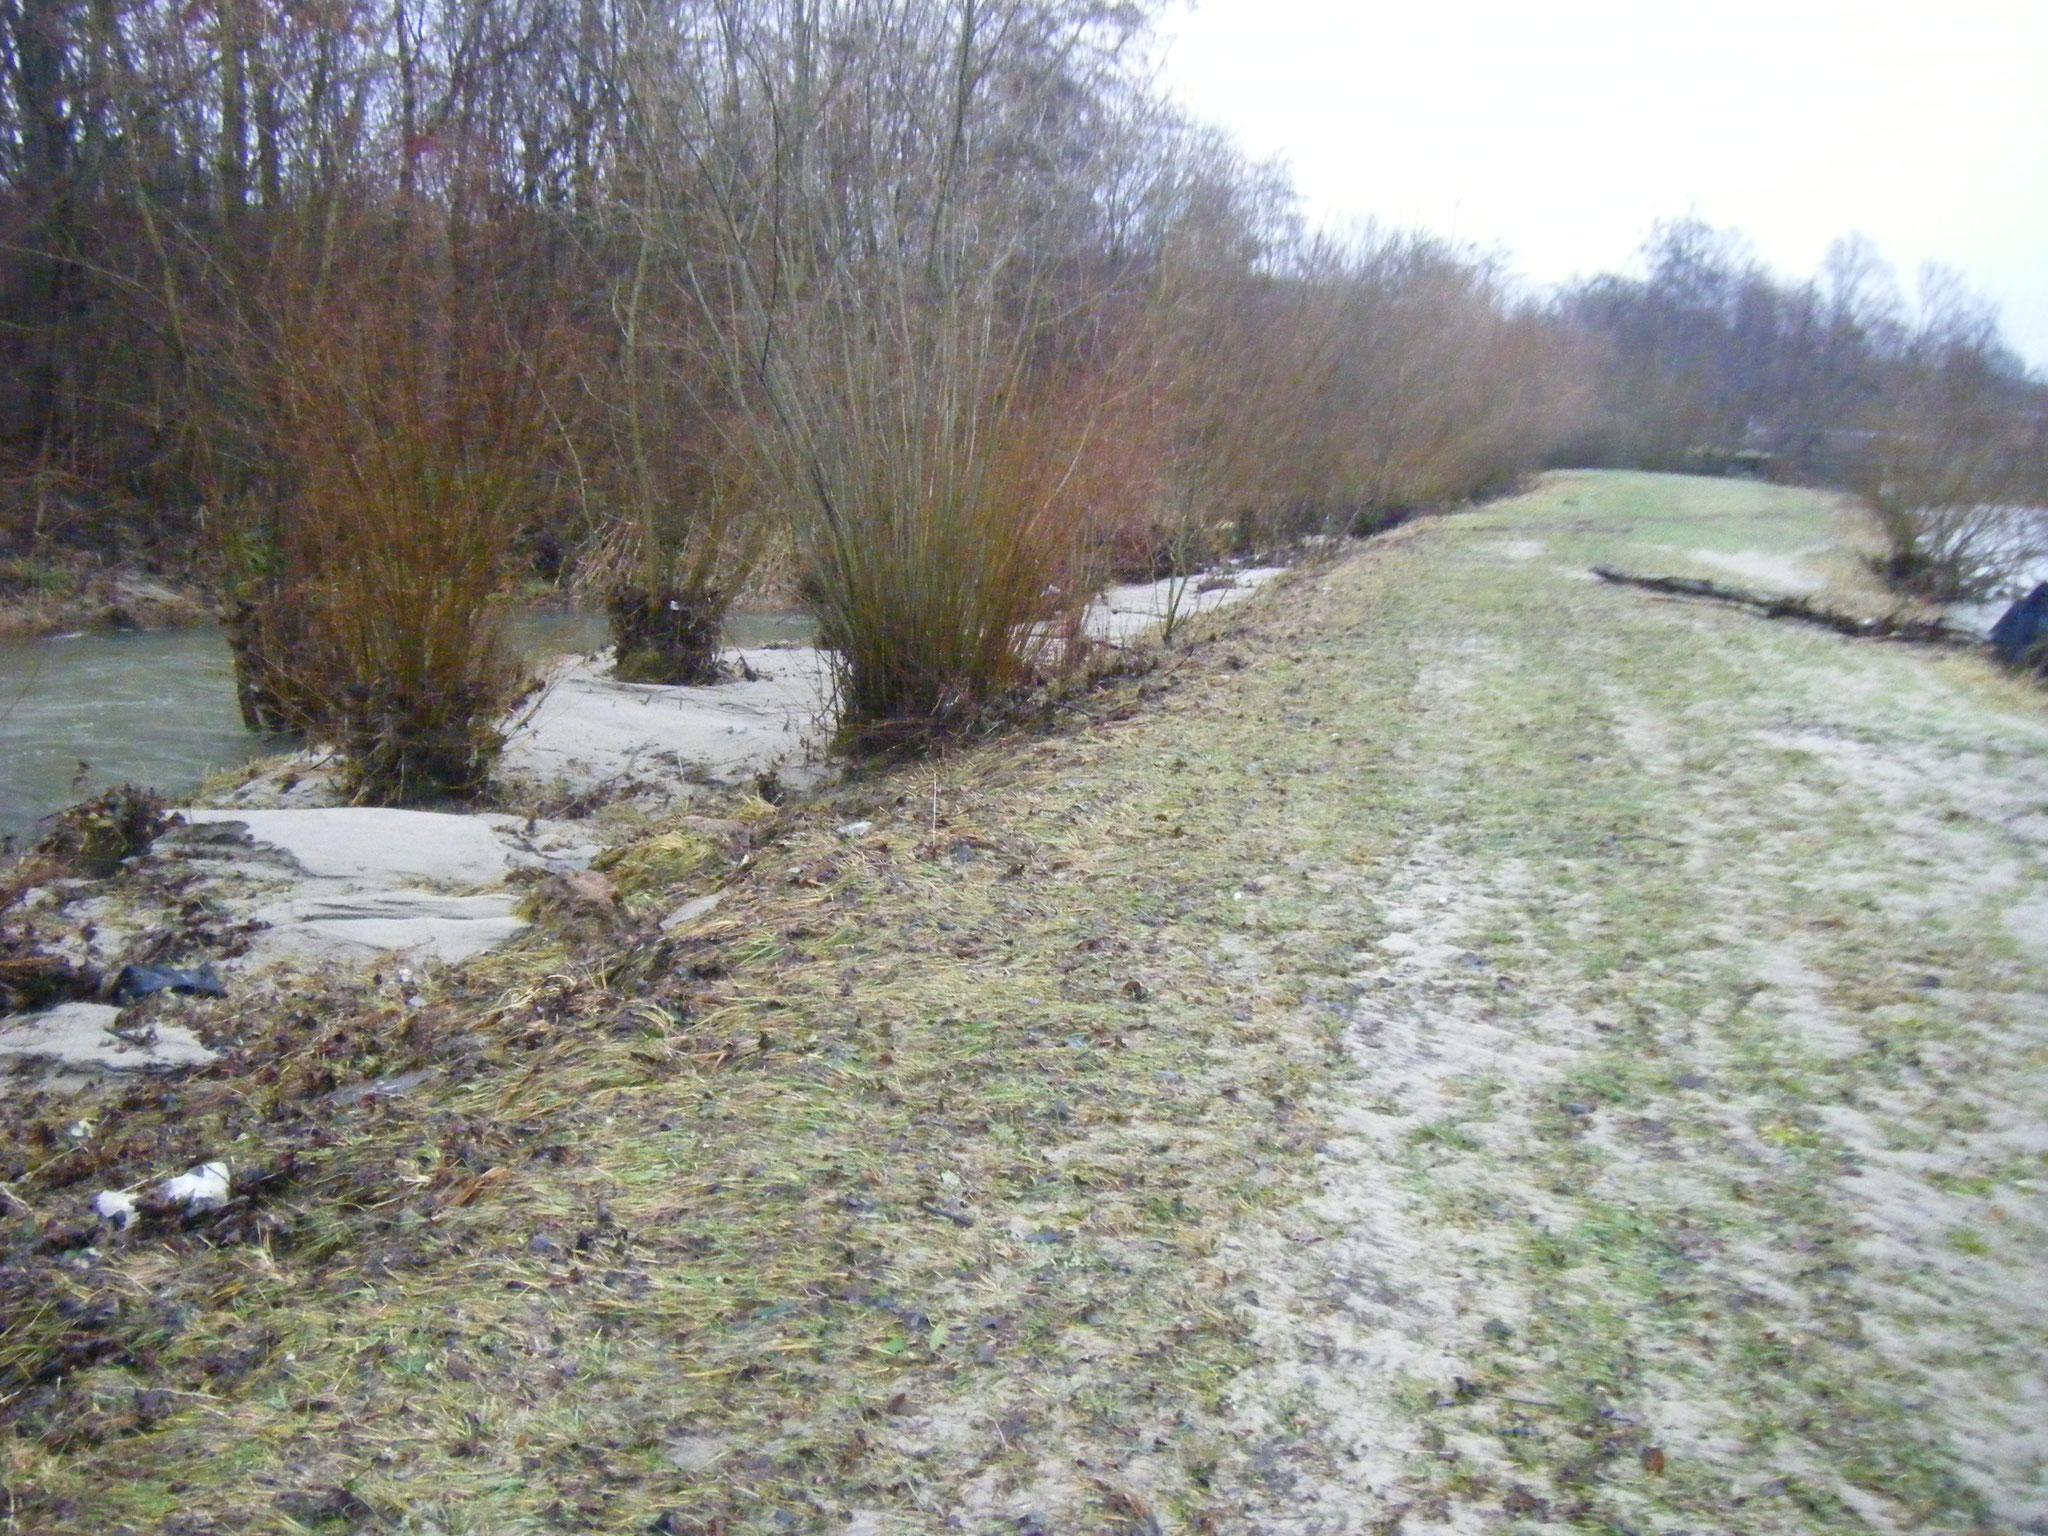 ab einer Durchflussmenge von ca. 55 cbm/sec wird die Halbinsel zwischen Rotach und Allmannsweiler Bach überspült (zu erkennen an nach links ausgericheter Vegetation) und im deutlich tiefer liegenden Allmansweiler Bach bildet sich ein Ausgleichs-Rückstau.